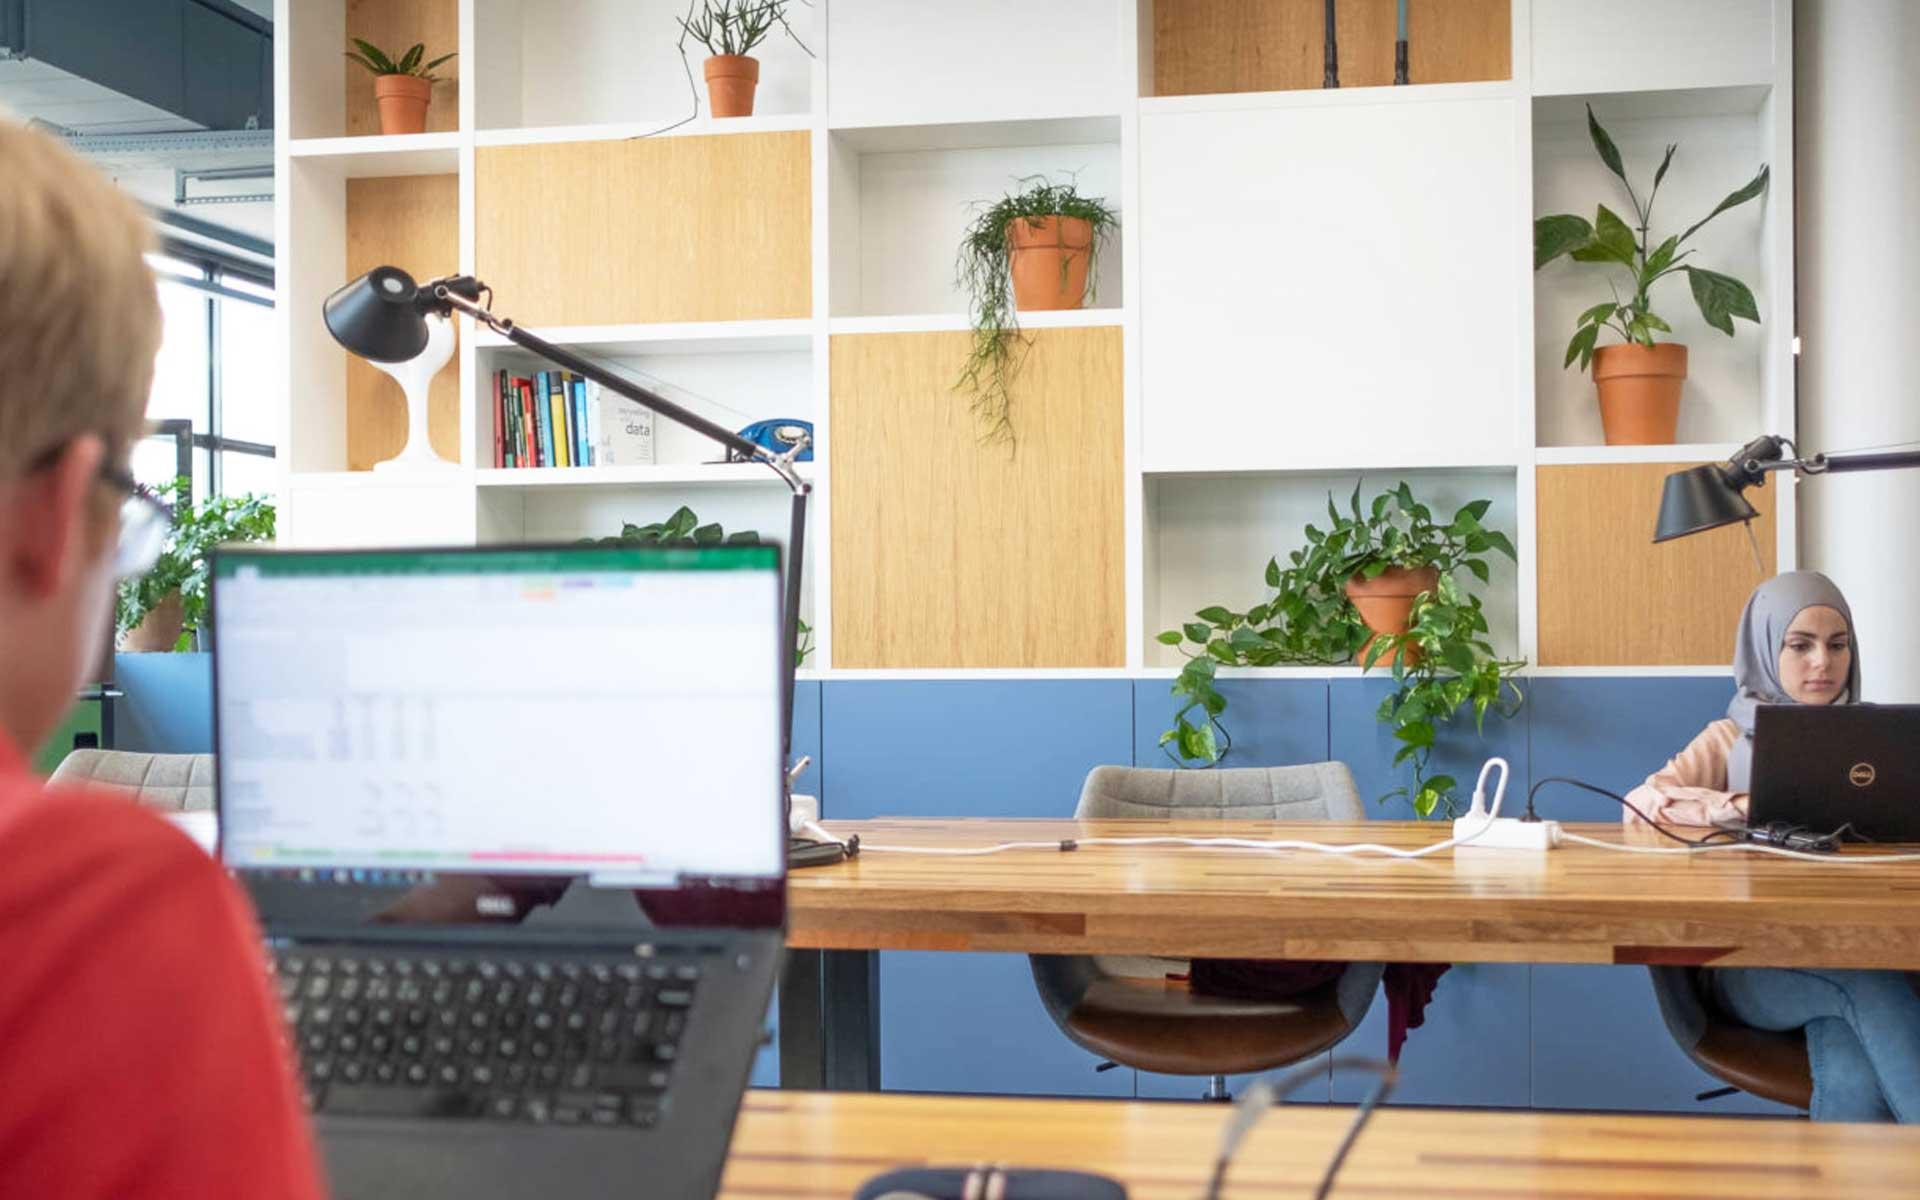 diversiteit-op-de-werkvloer-kantoor-talent-medewerkers-millenials-office-consultancy-interior-by-ininterieurs